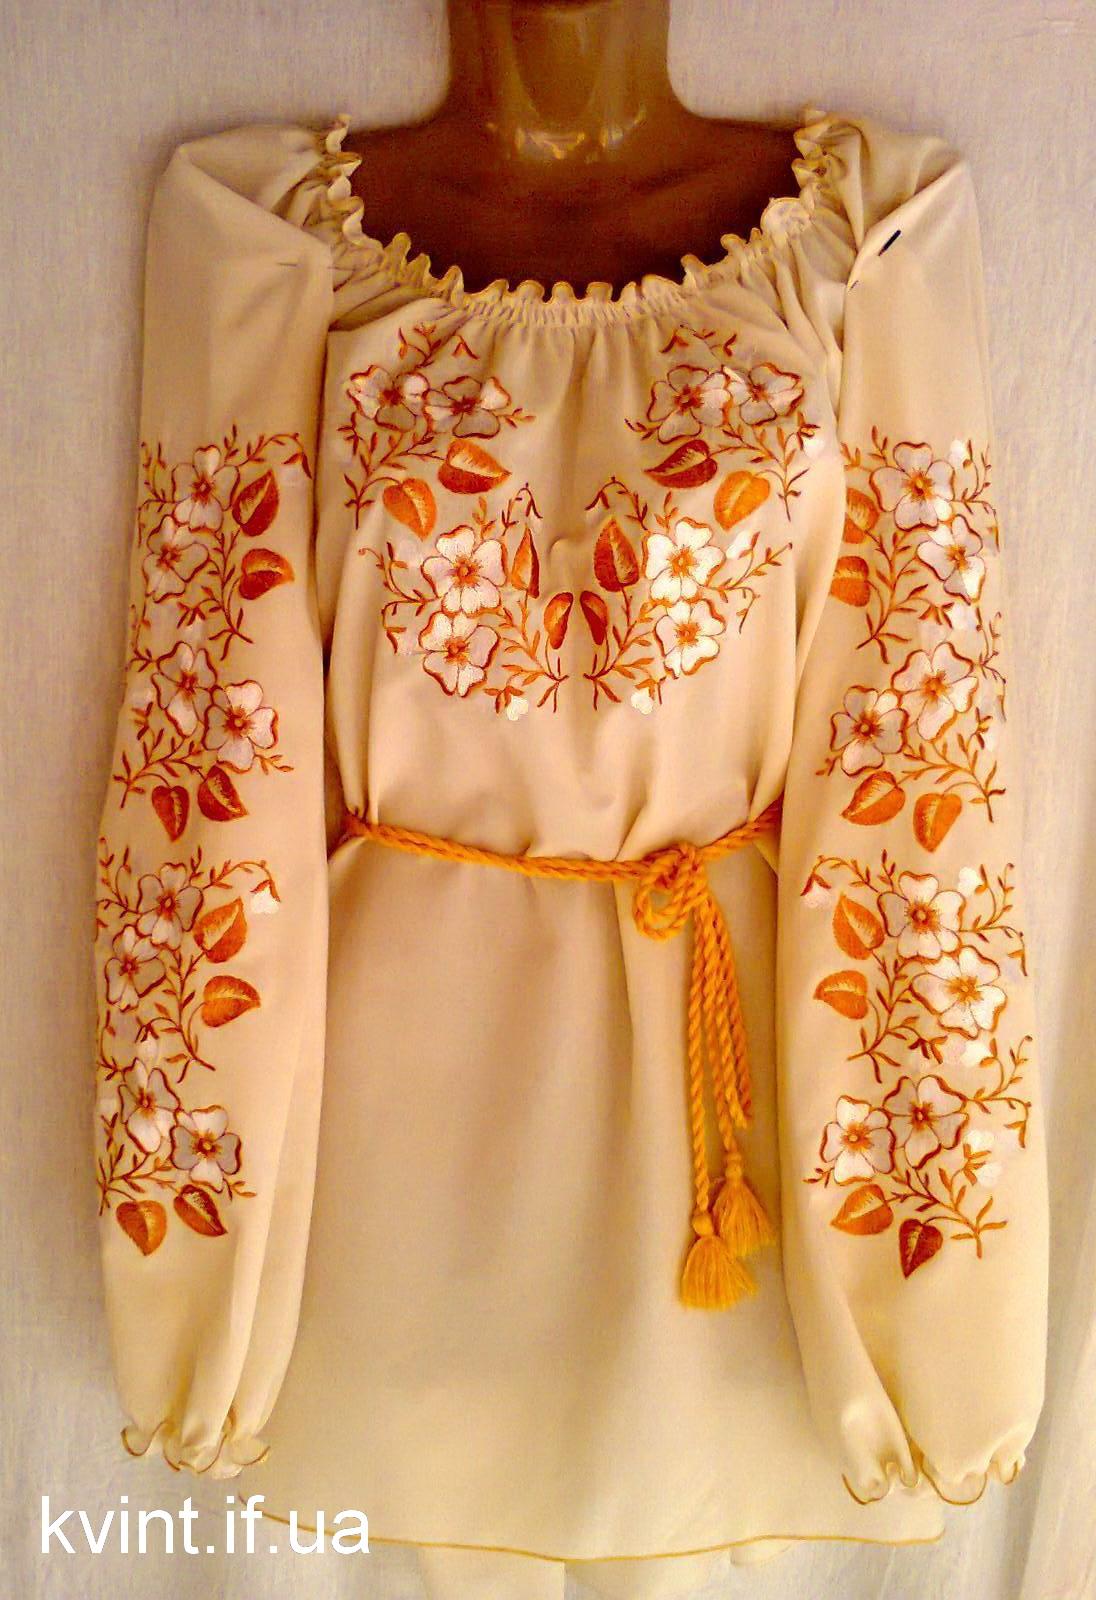 """Жіноча вишиванка """" Золота осінь """" М061 – Kvint d3a71f04fad53"""